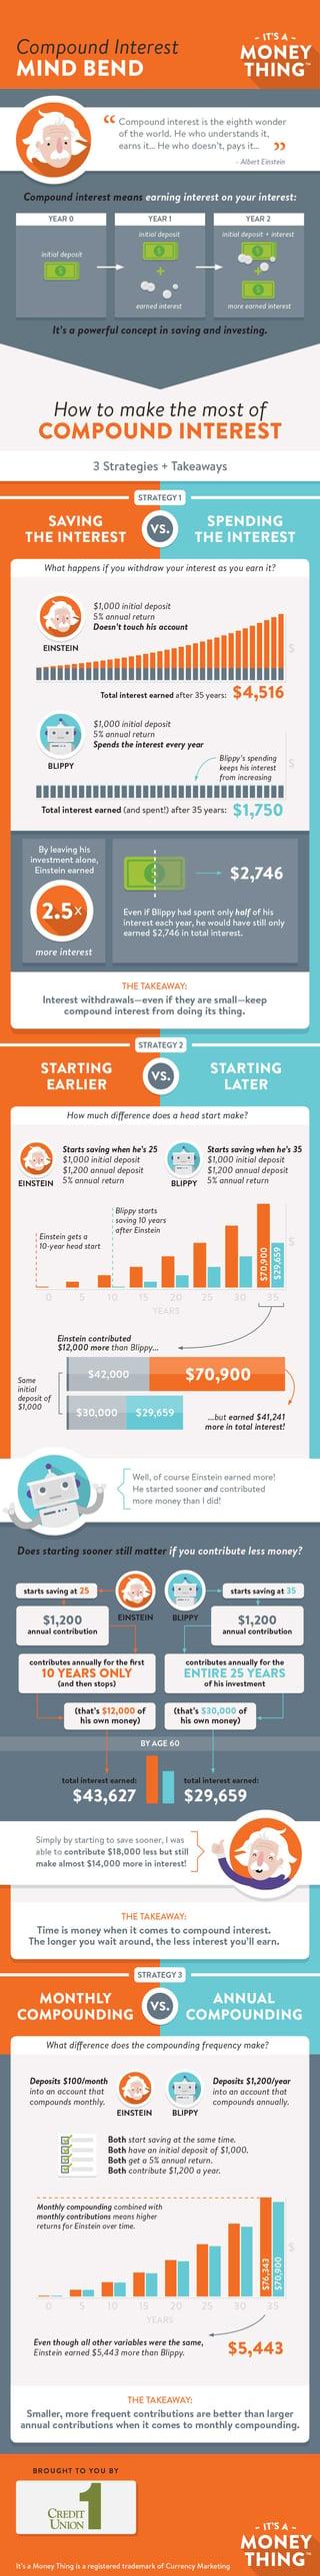 Understanding_Compound_Interest_Infographic